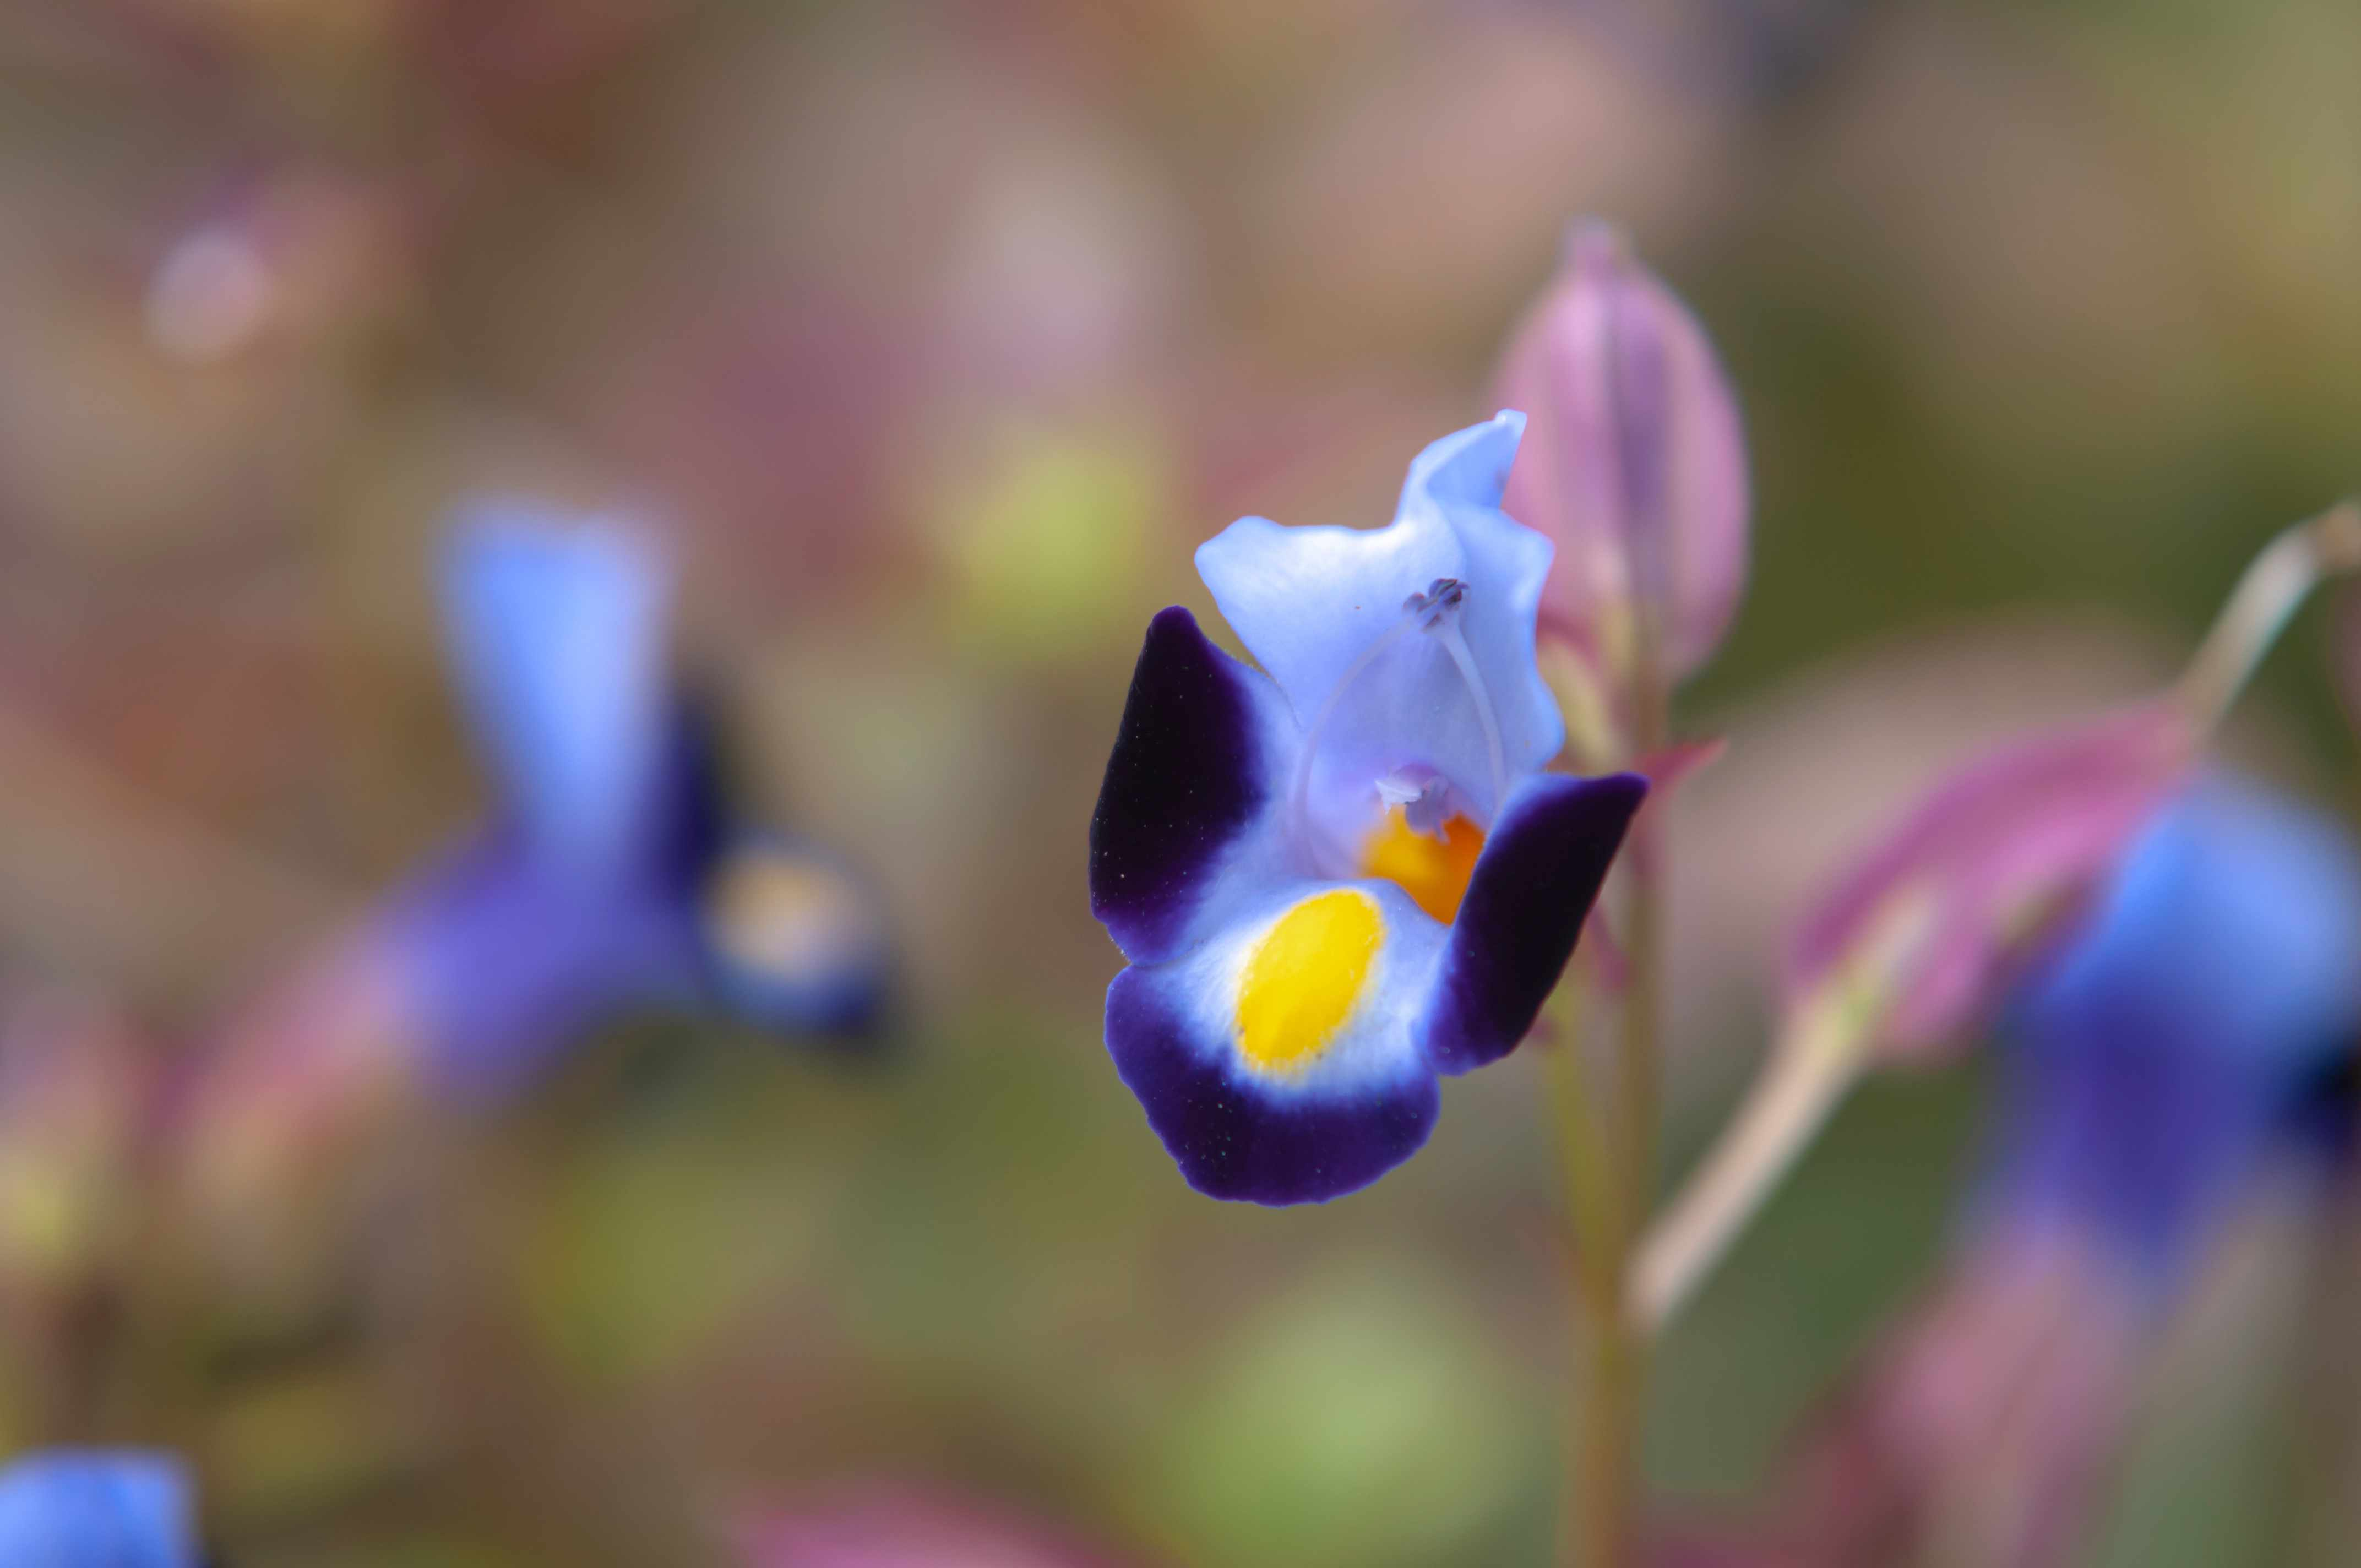 closeup of wishbone flower